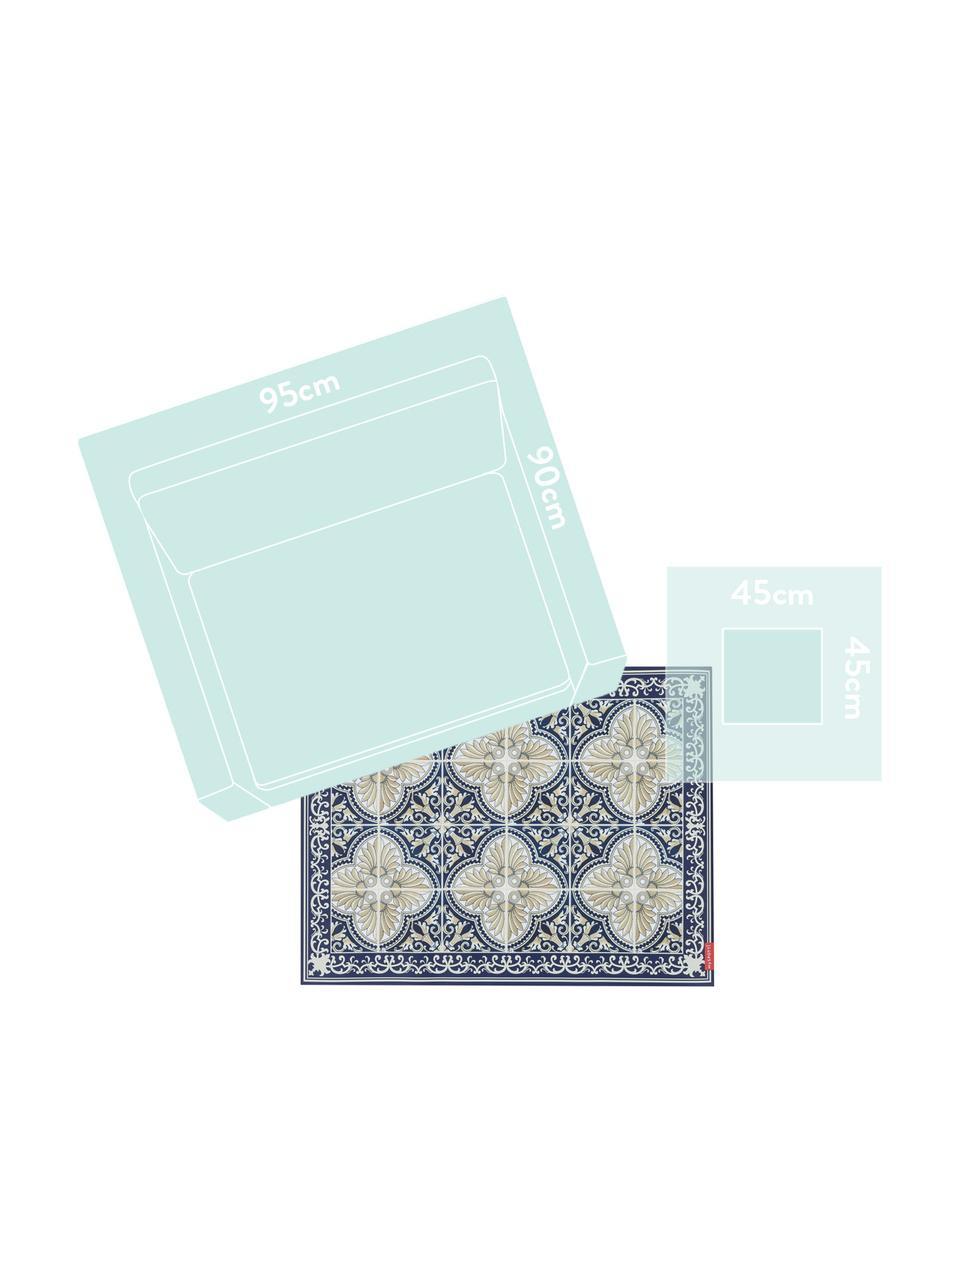 Vinyl-Bodenmatte Luis, Vinyl, Blau, Beige, 136 x 203 cm